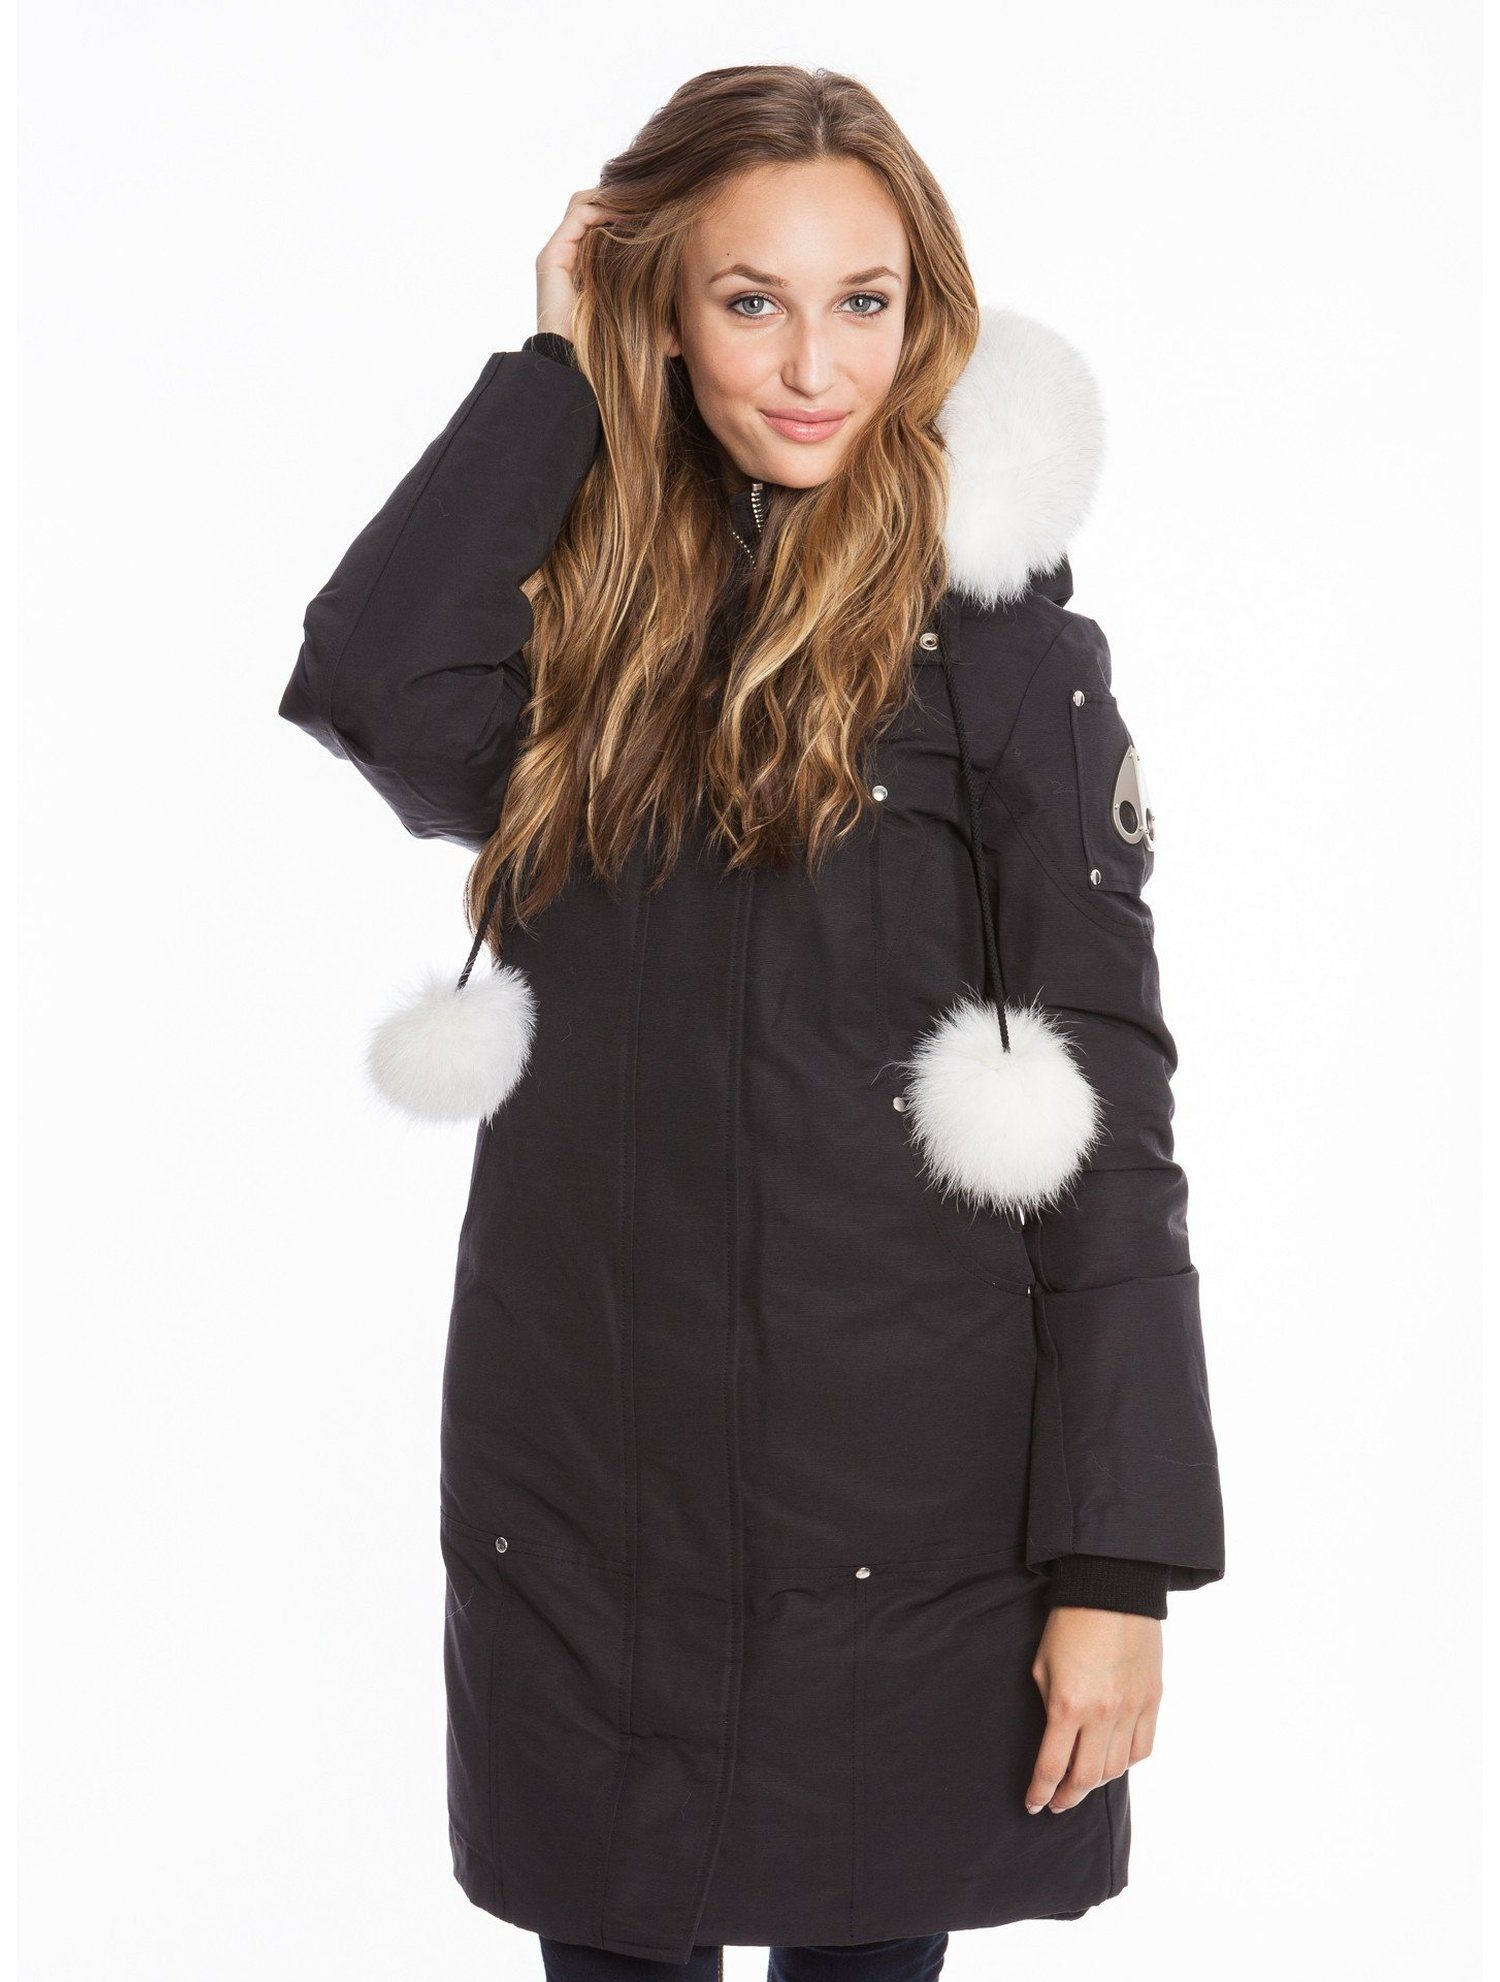 427cc89648d Moose Knuckles - Stirling Parka w/Fur Hood & Pom Poms (Black/White ...